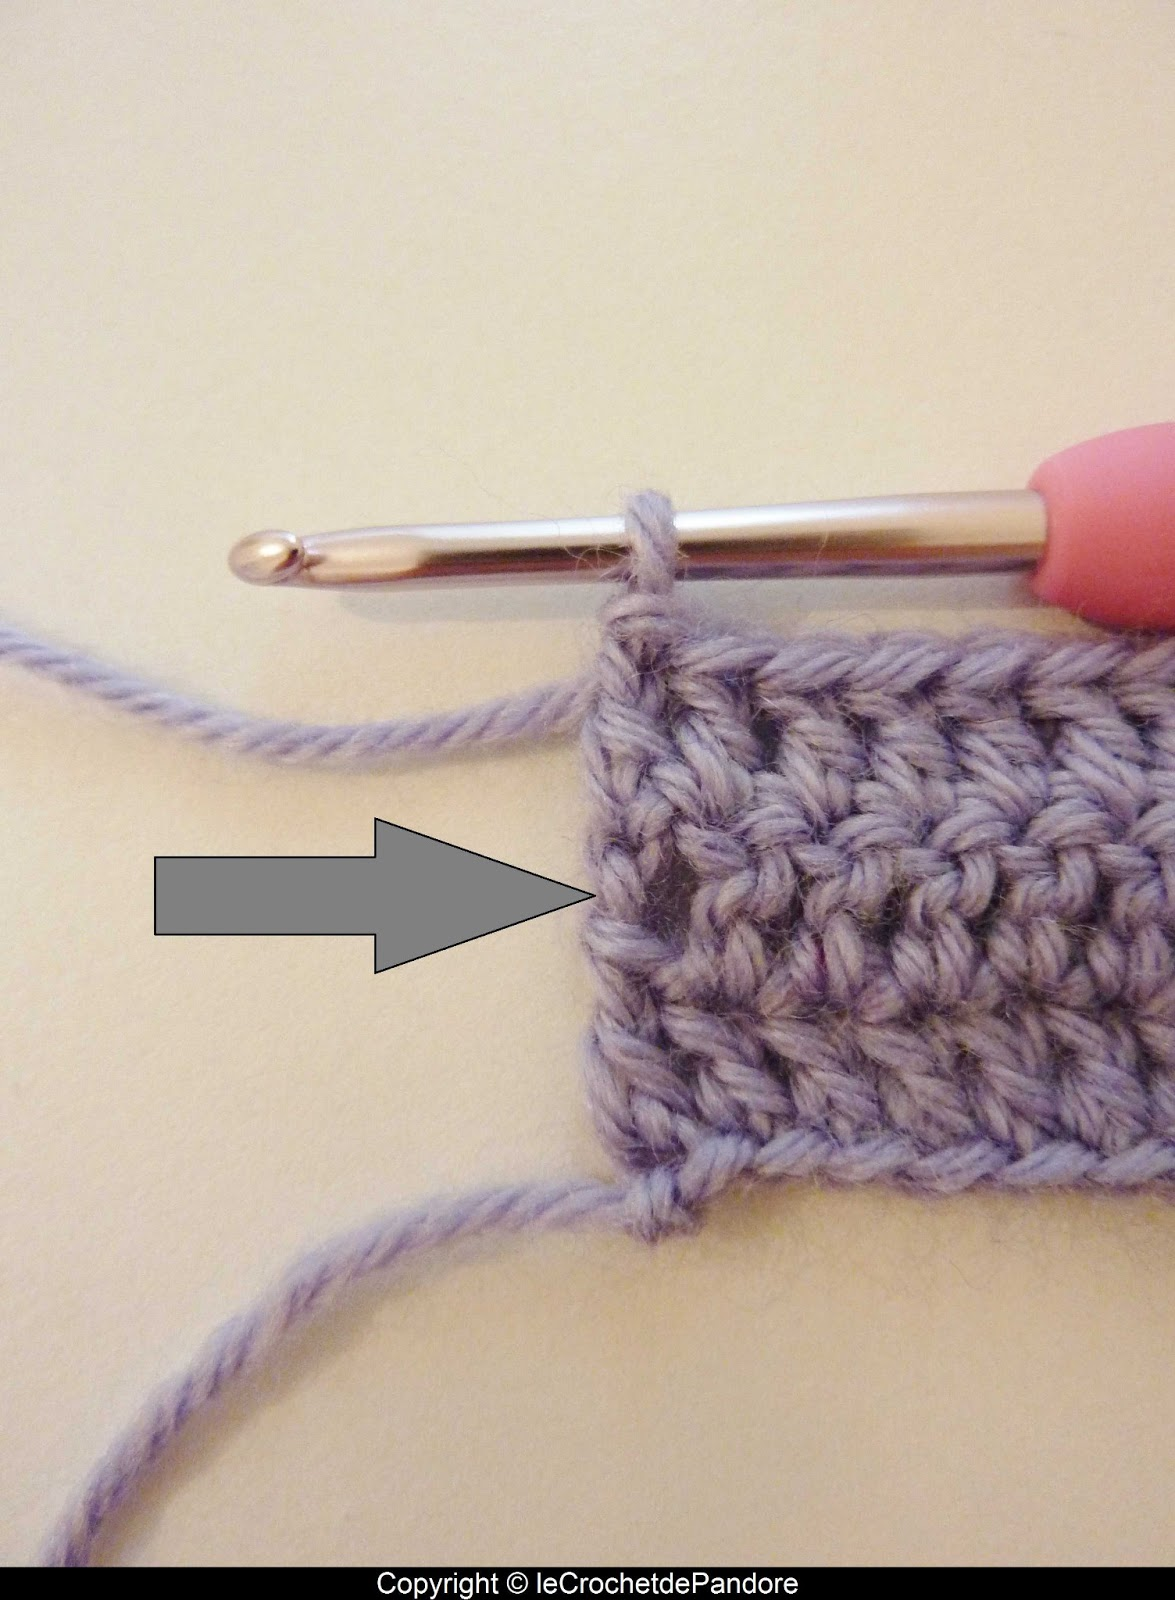 Tutoriel crochet maille en l 39 air - Crochet maille en l air ...